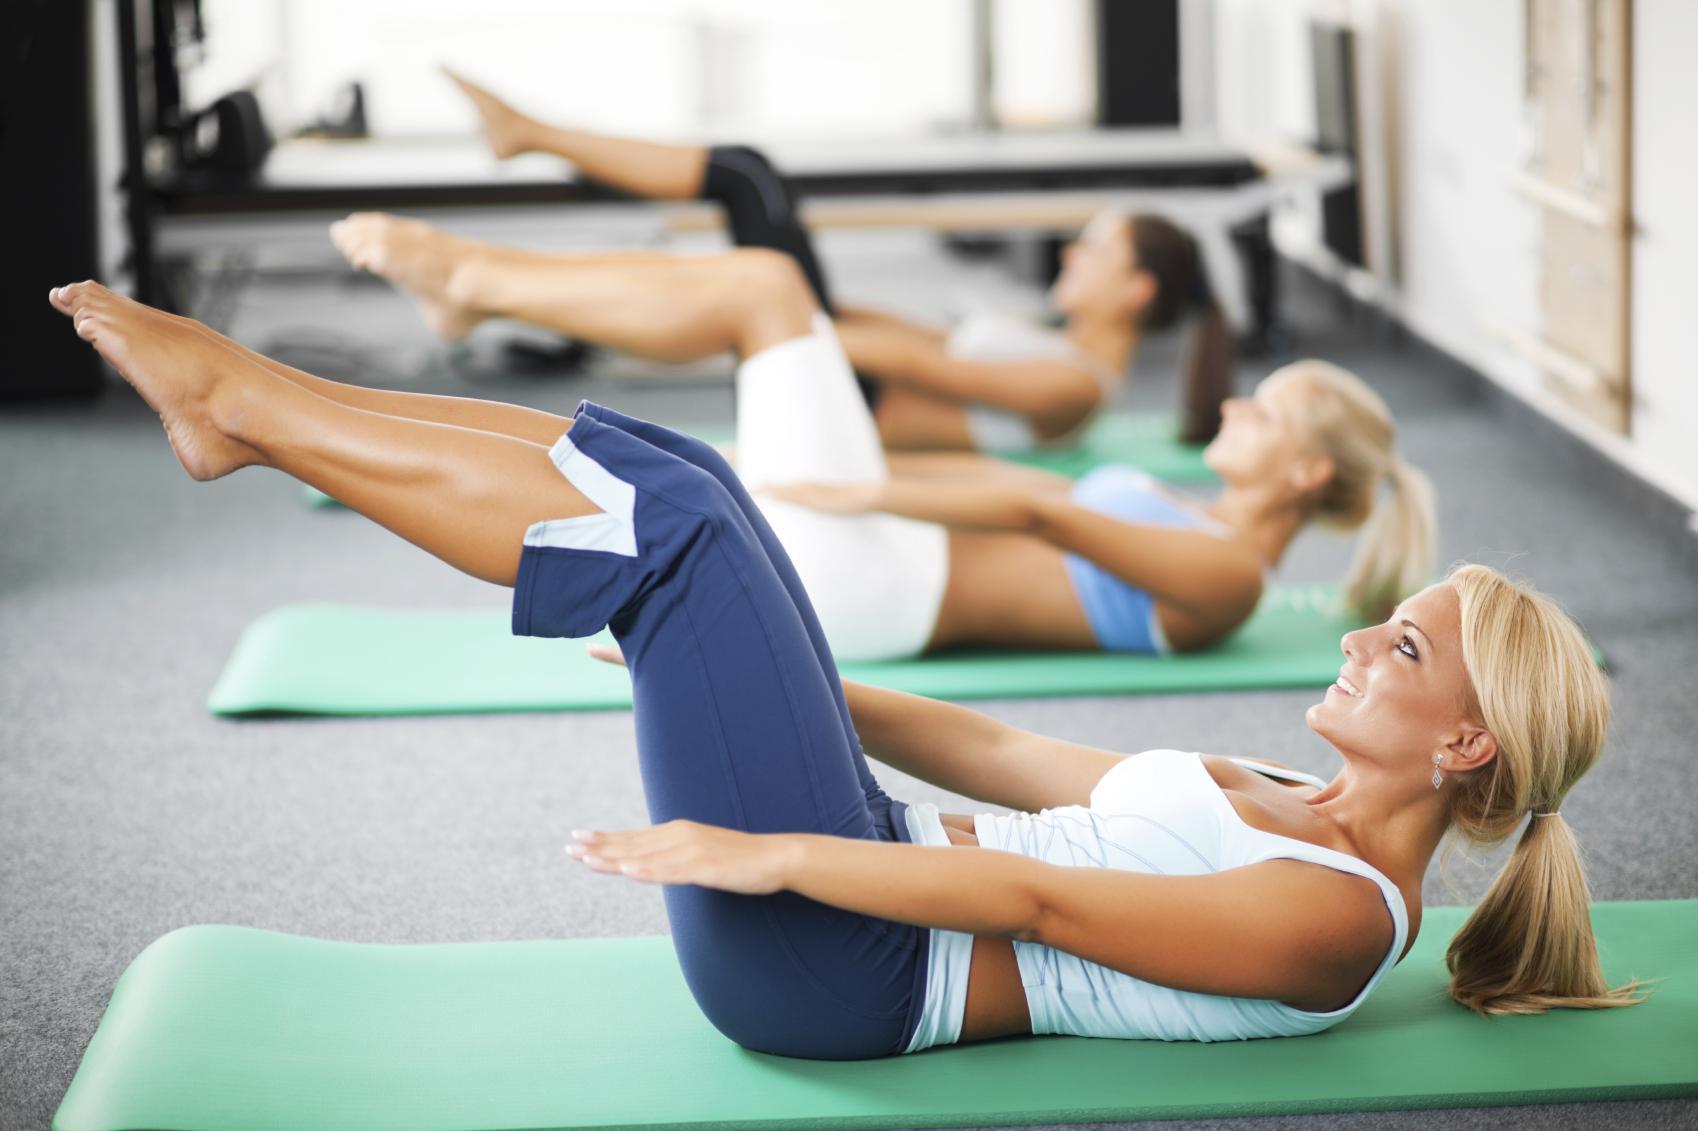 Спортзал для похудения ног